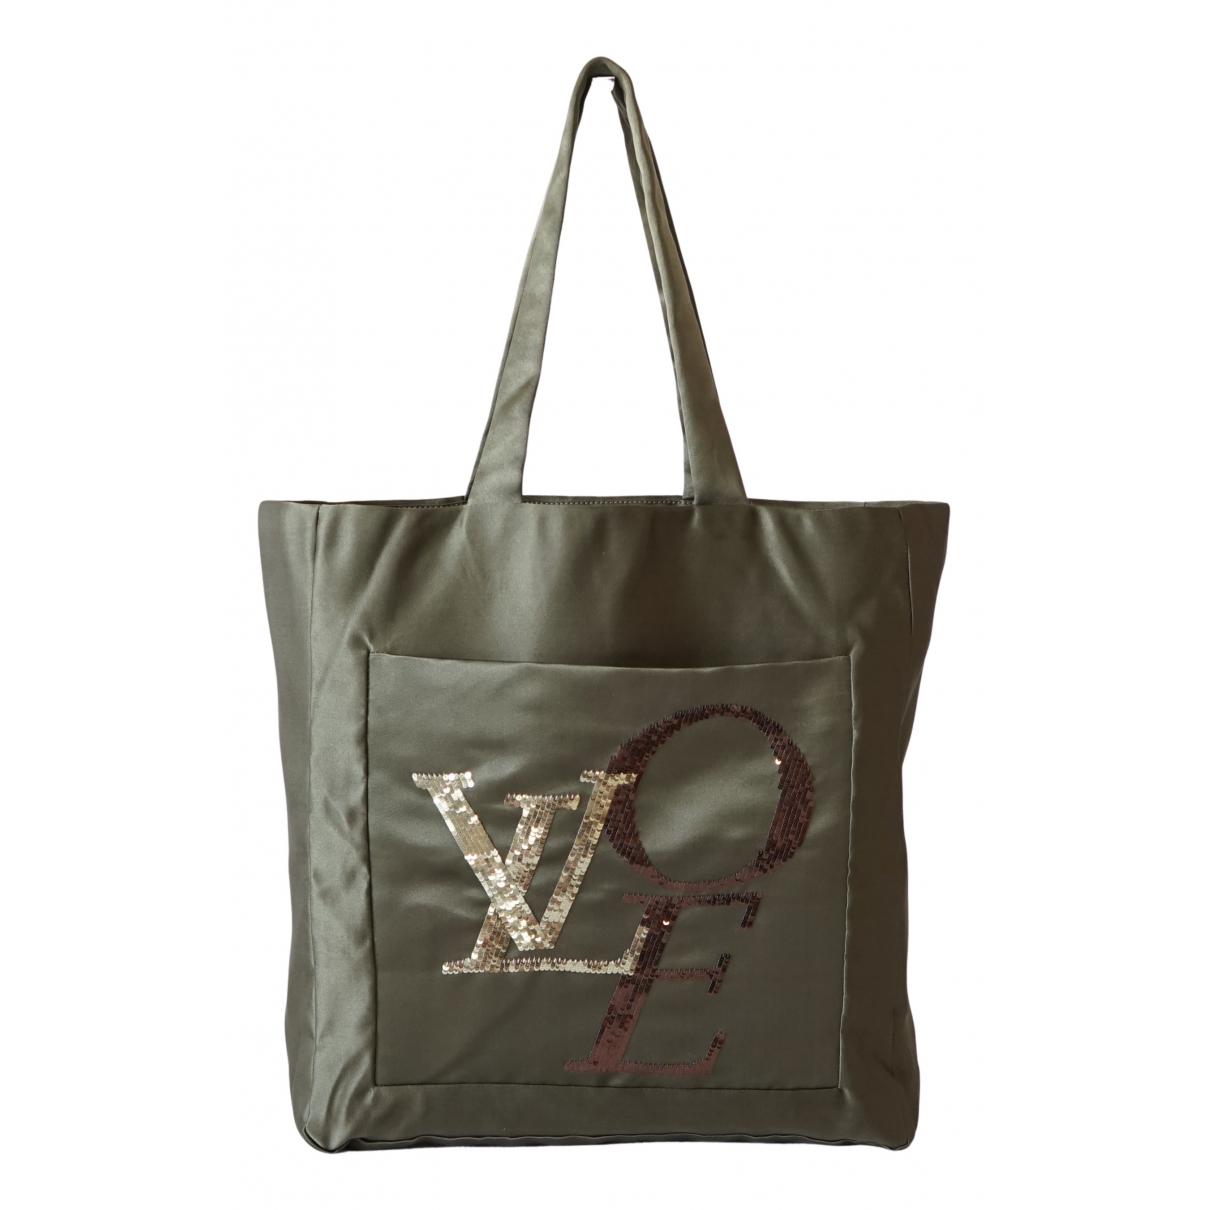 Louis Vuitton - Sac a main Love Note pour femme en soie